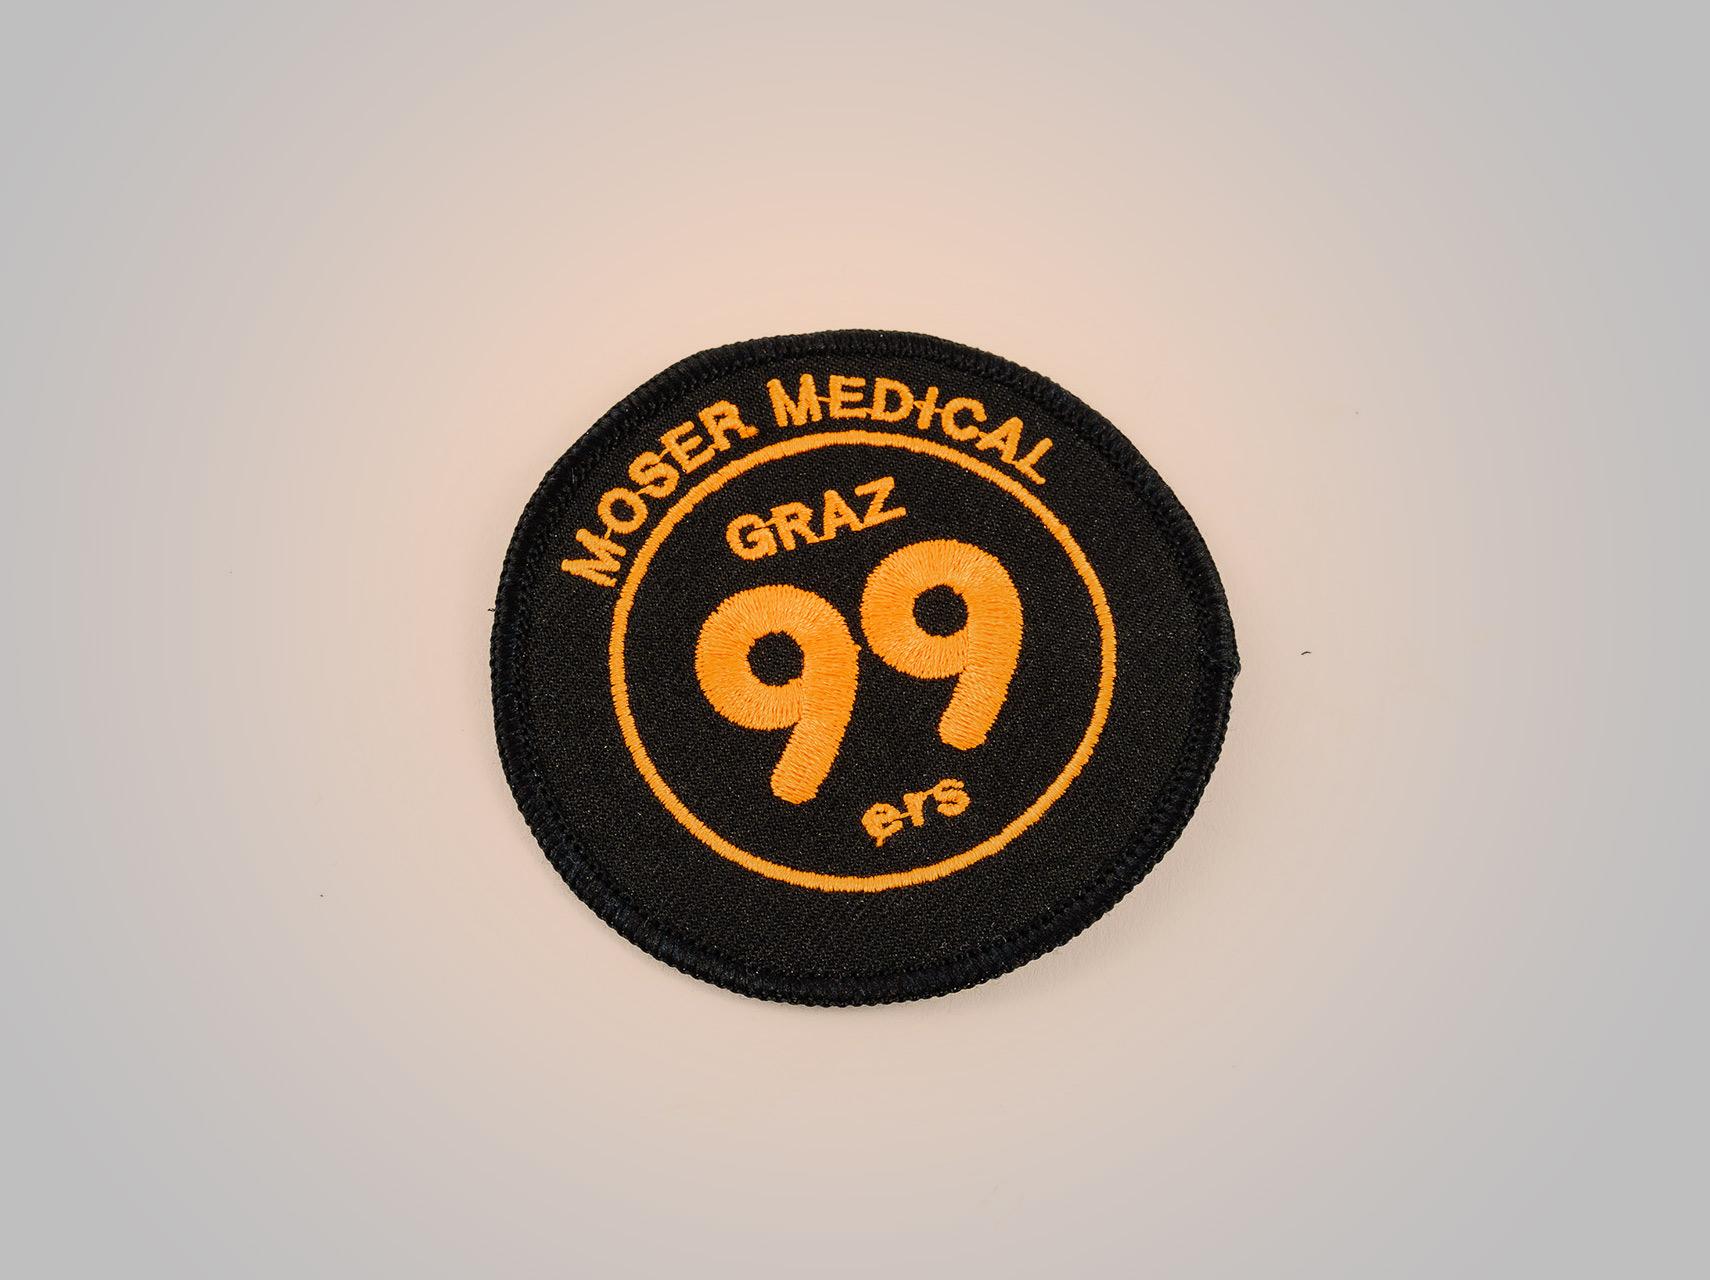 Aufnäher - Moser Medical Graz99ers